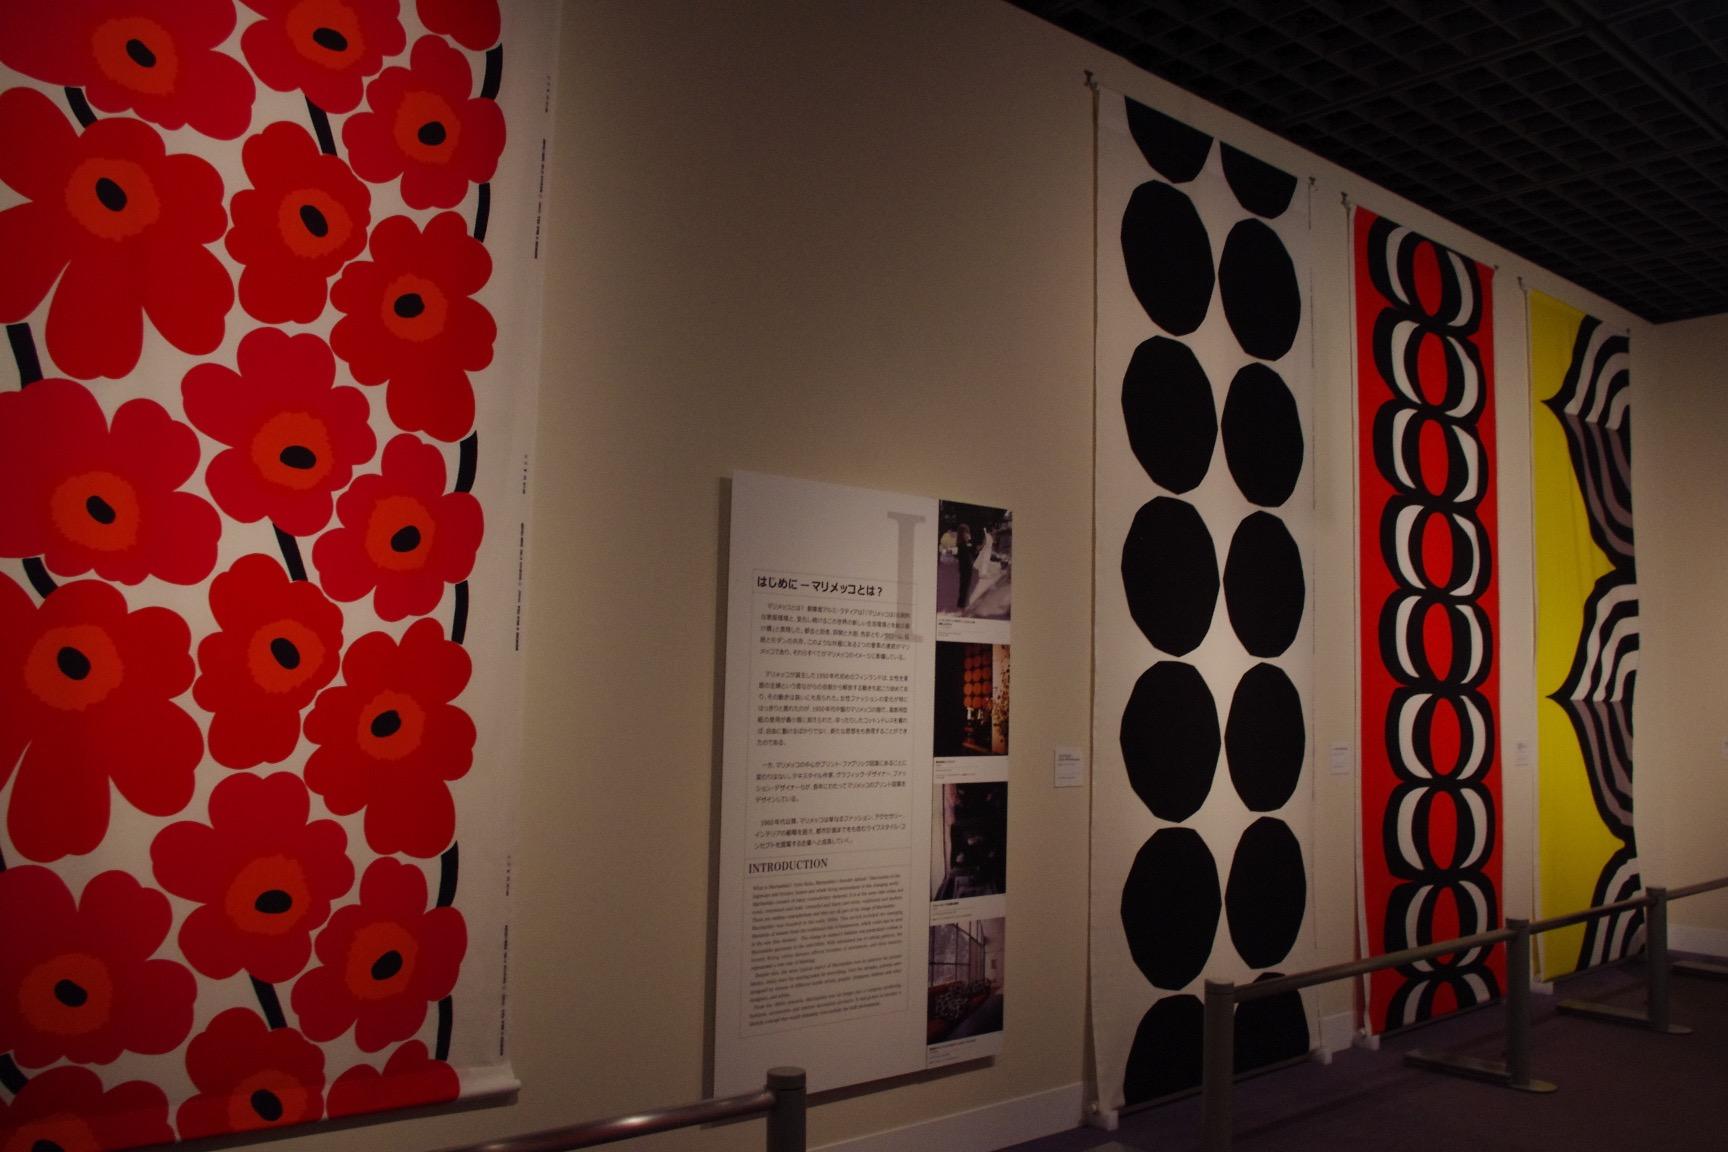 展示作品200点以上! 「マリメッコ展—デザイン、ファブリック、ライフスタイル」マリメッコの魅力とは